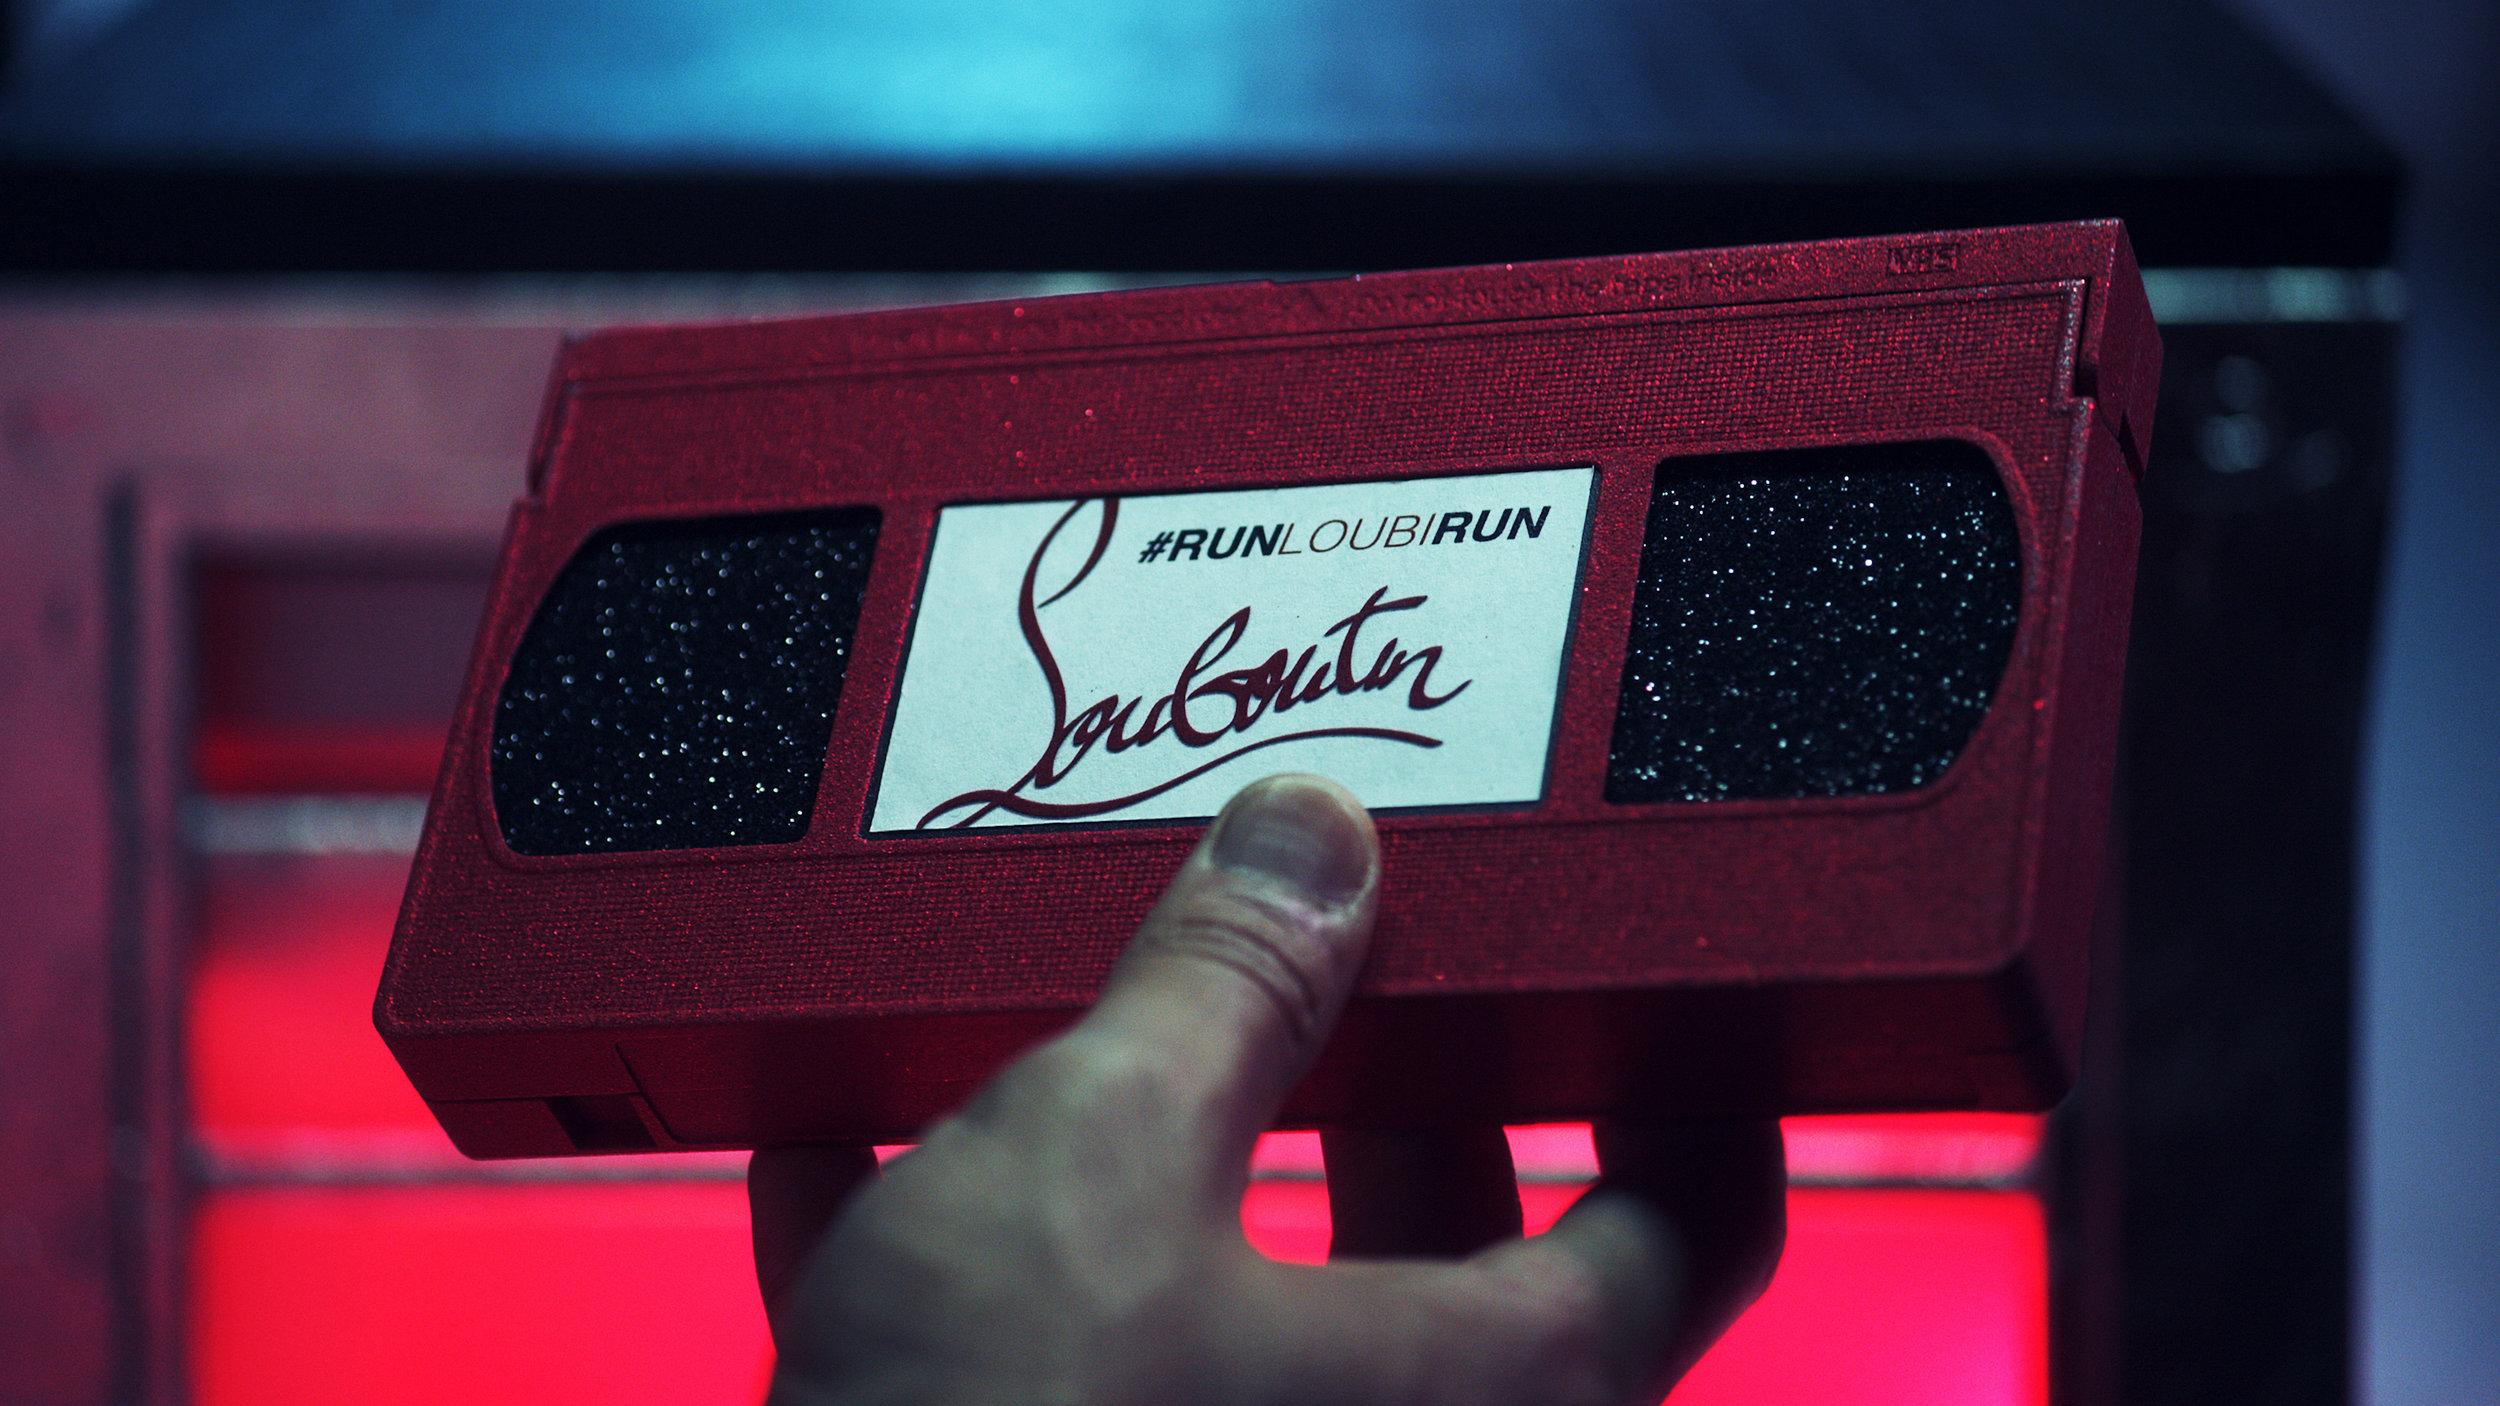 Louboutin #RunLoubiRun x Quincy campaign.jpg